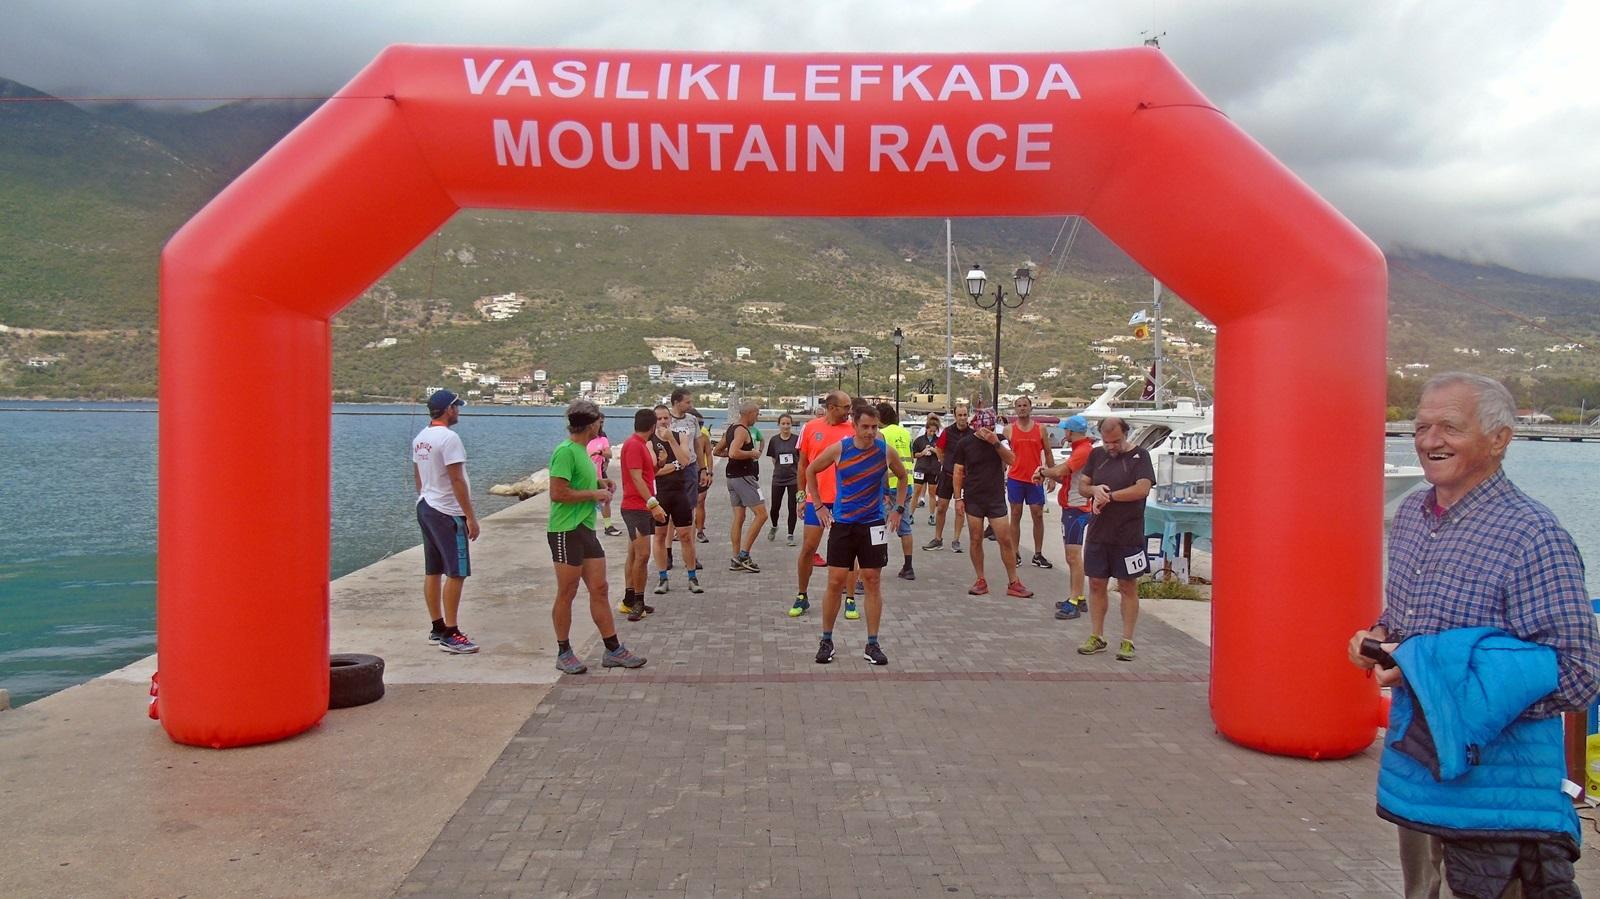 7_Vasiliki Lefkada Mountain Race